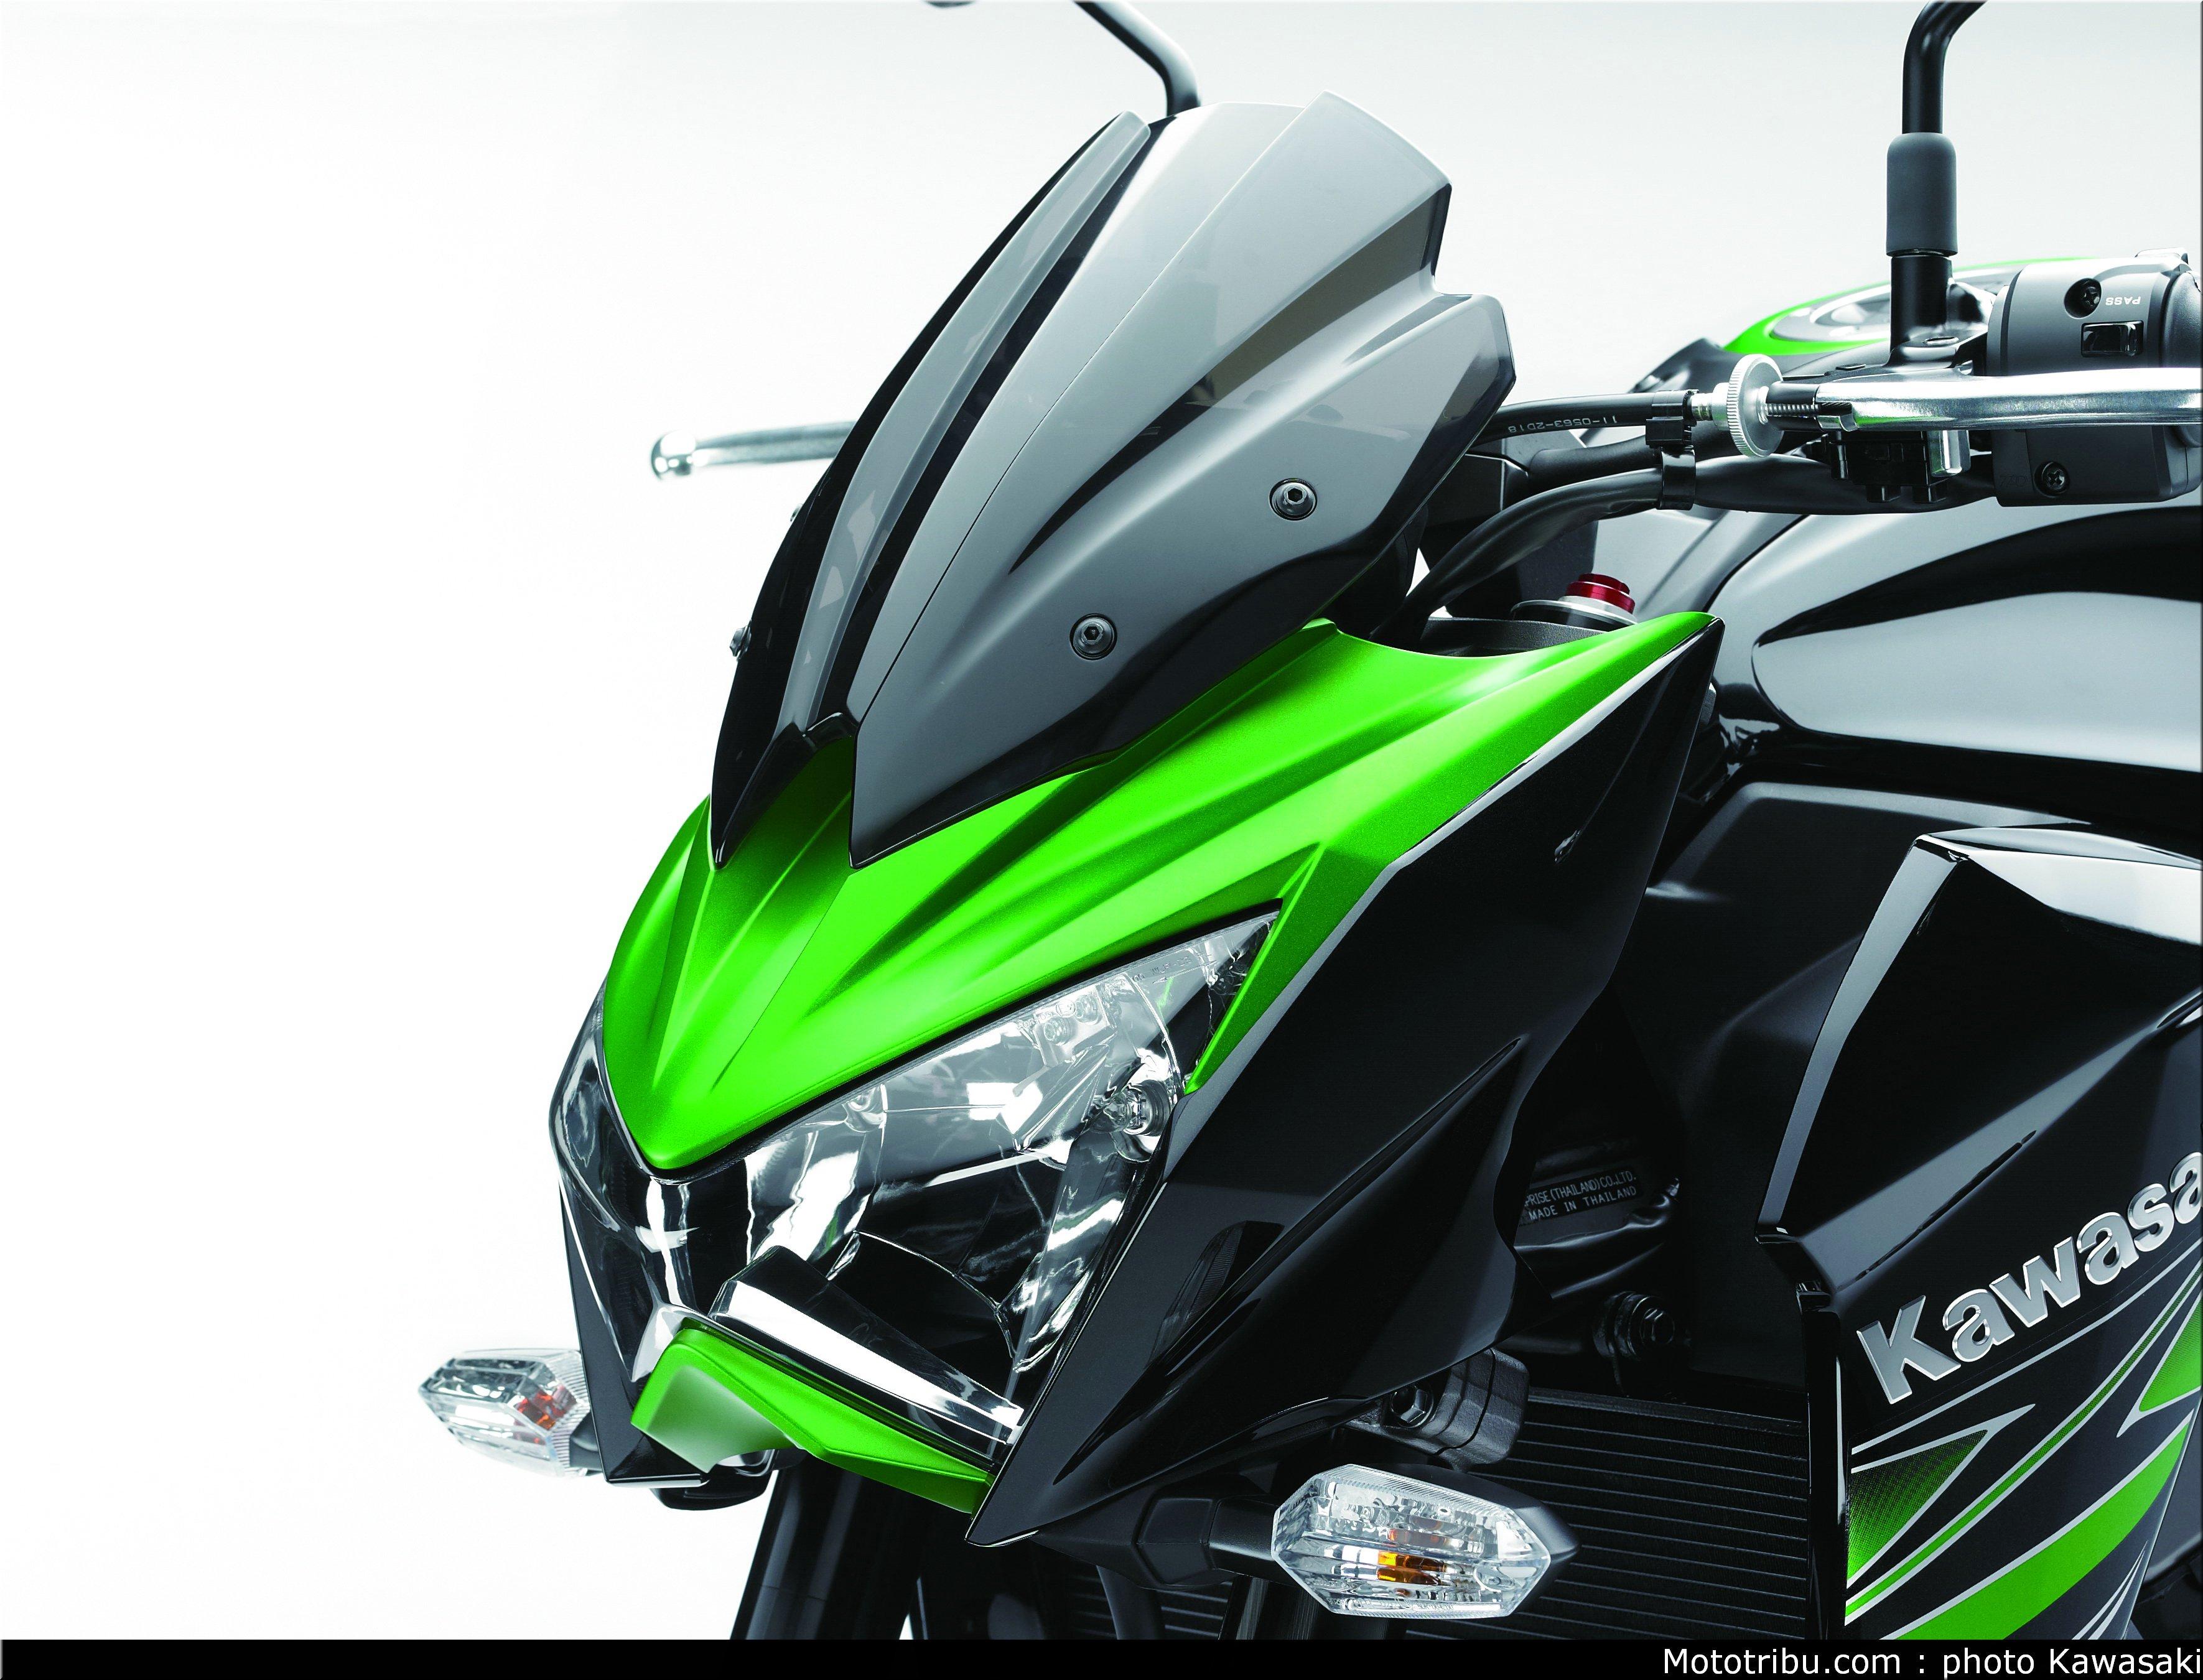 Mototribu Kawasaki 2013 Z800